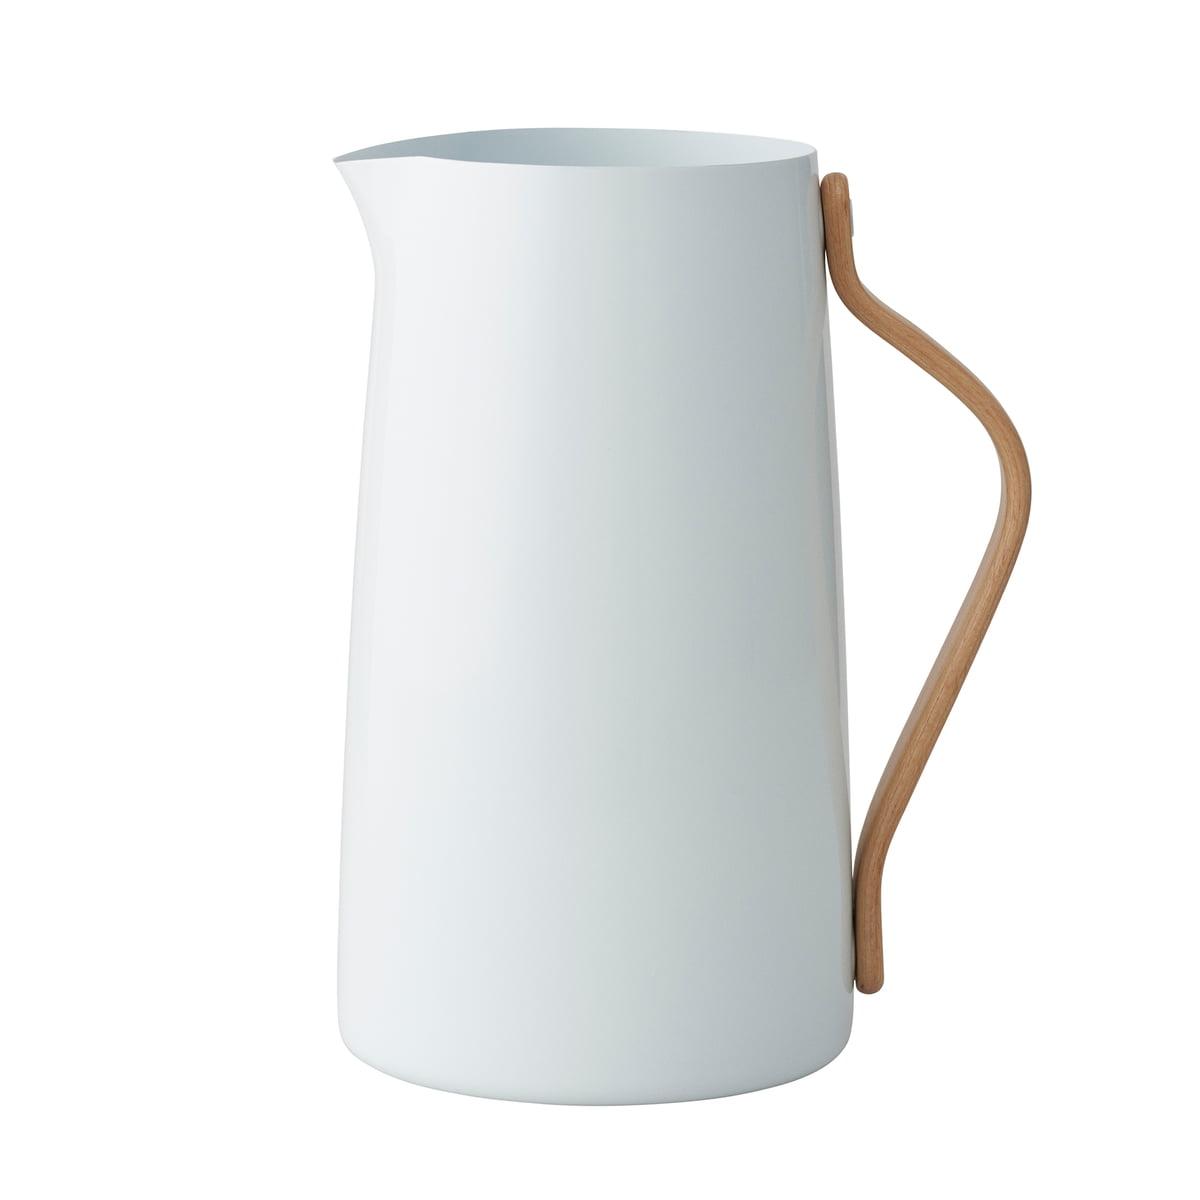 emma jug 2l by stelton connox shop. Black Bedroom Furniture Sets. Home Design Ideas